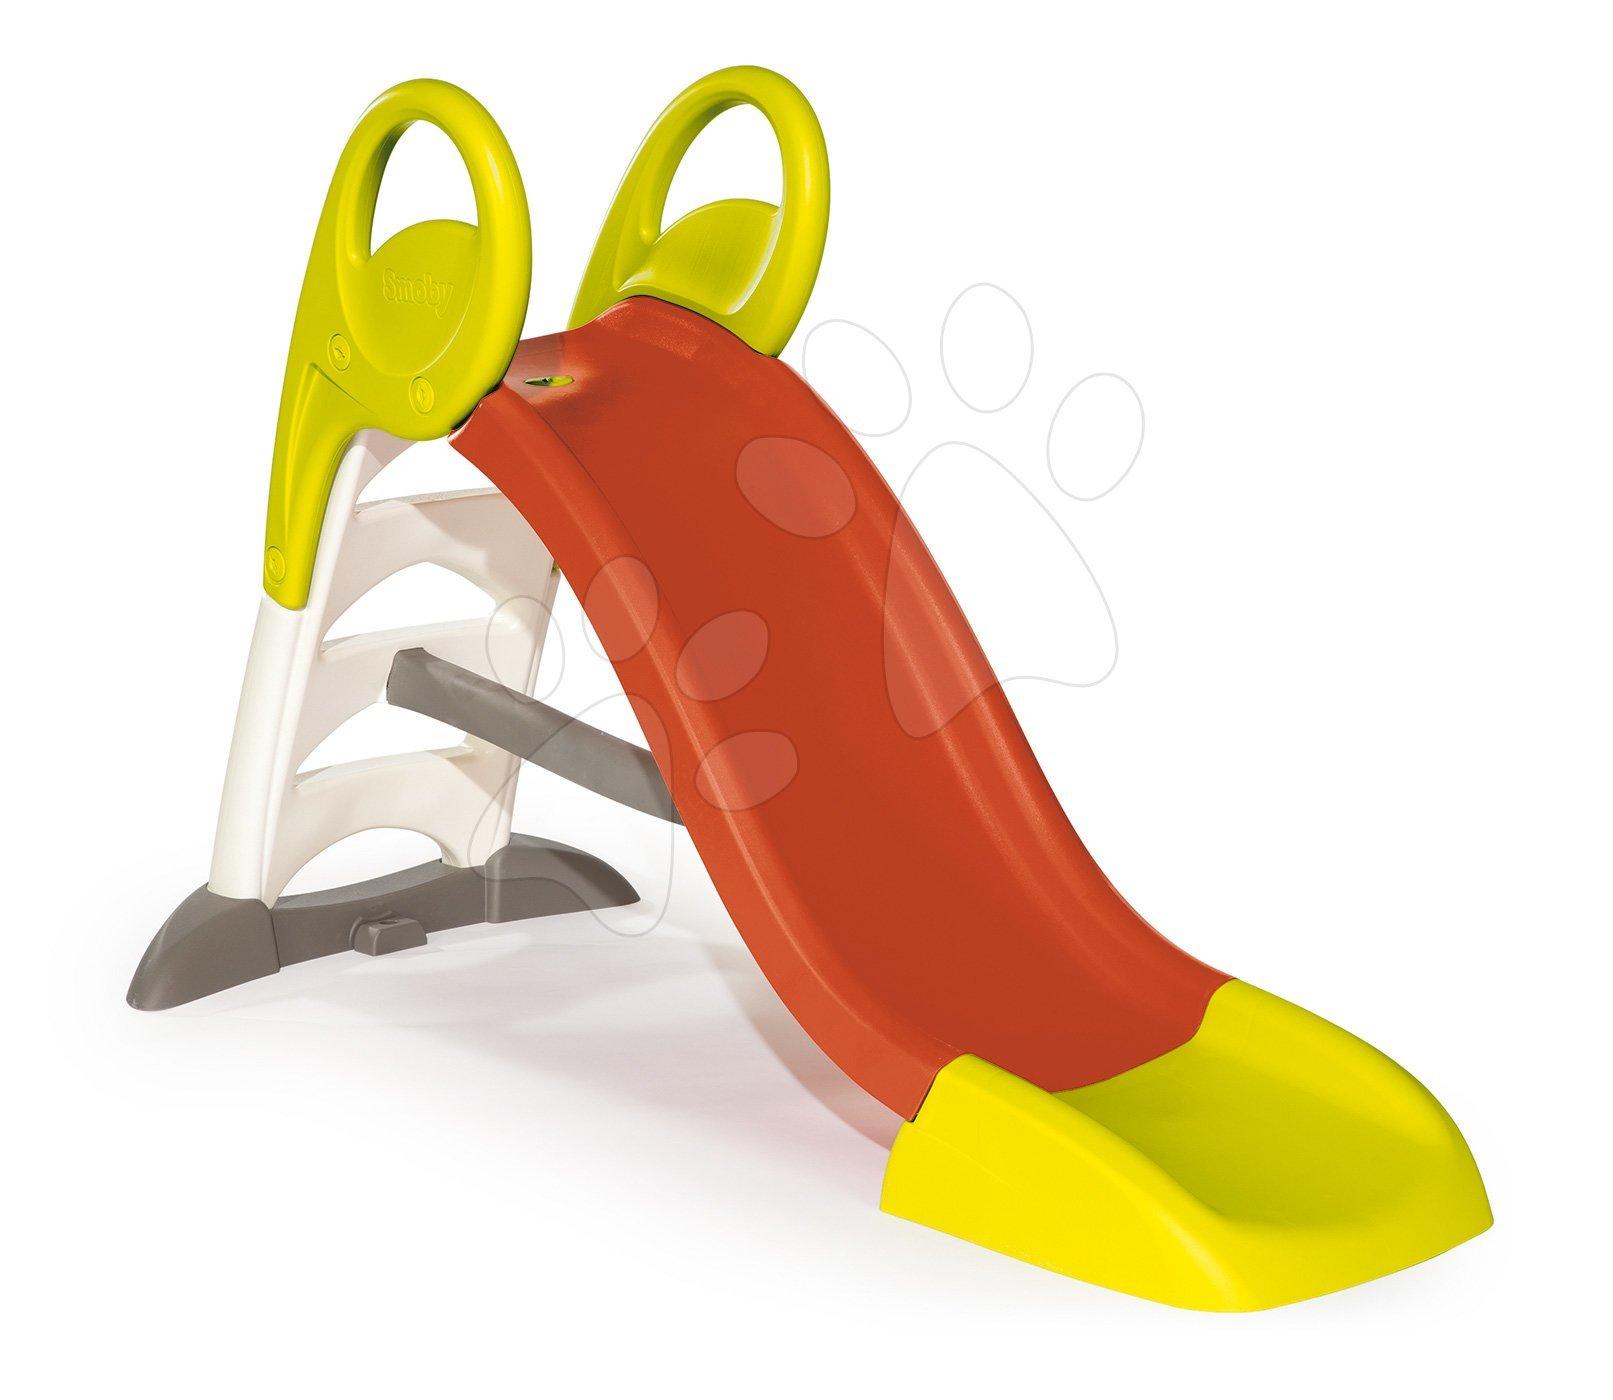 Skluzavky pro děti - Skluzavka Toboggan KS Smoby s vodou délka 1,5 m od 24 měsíců